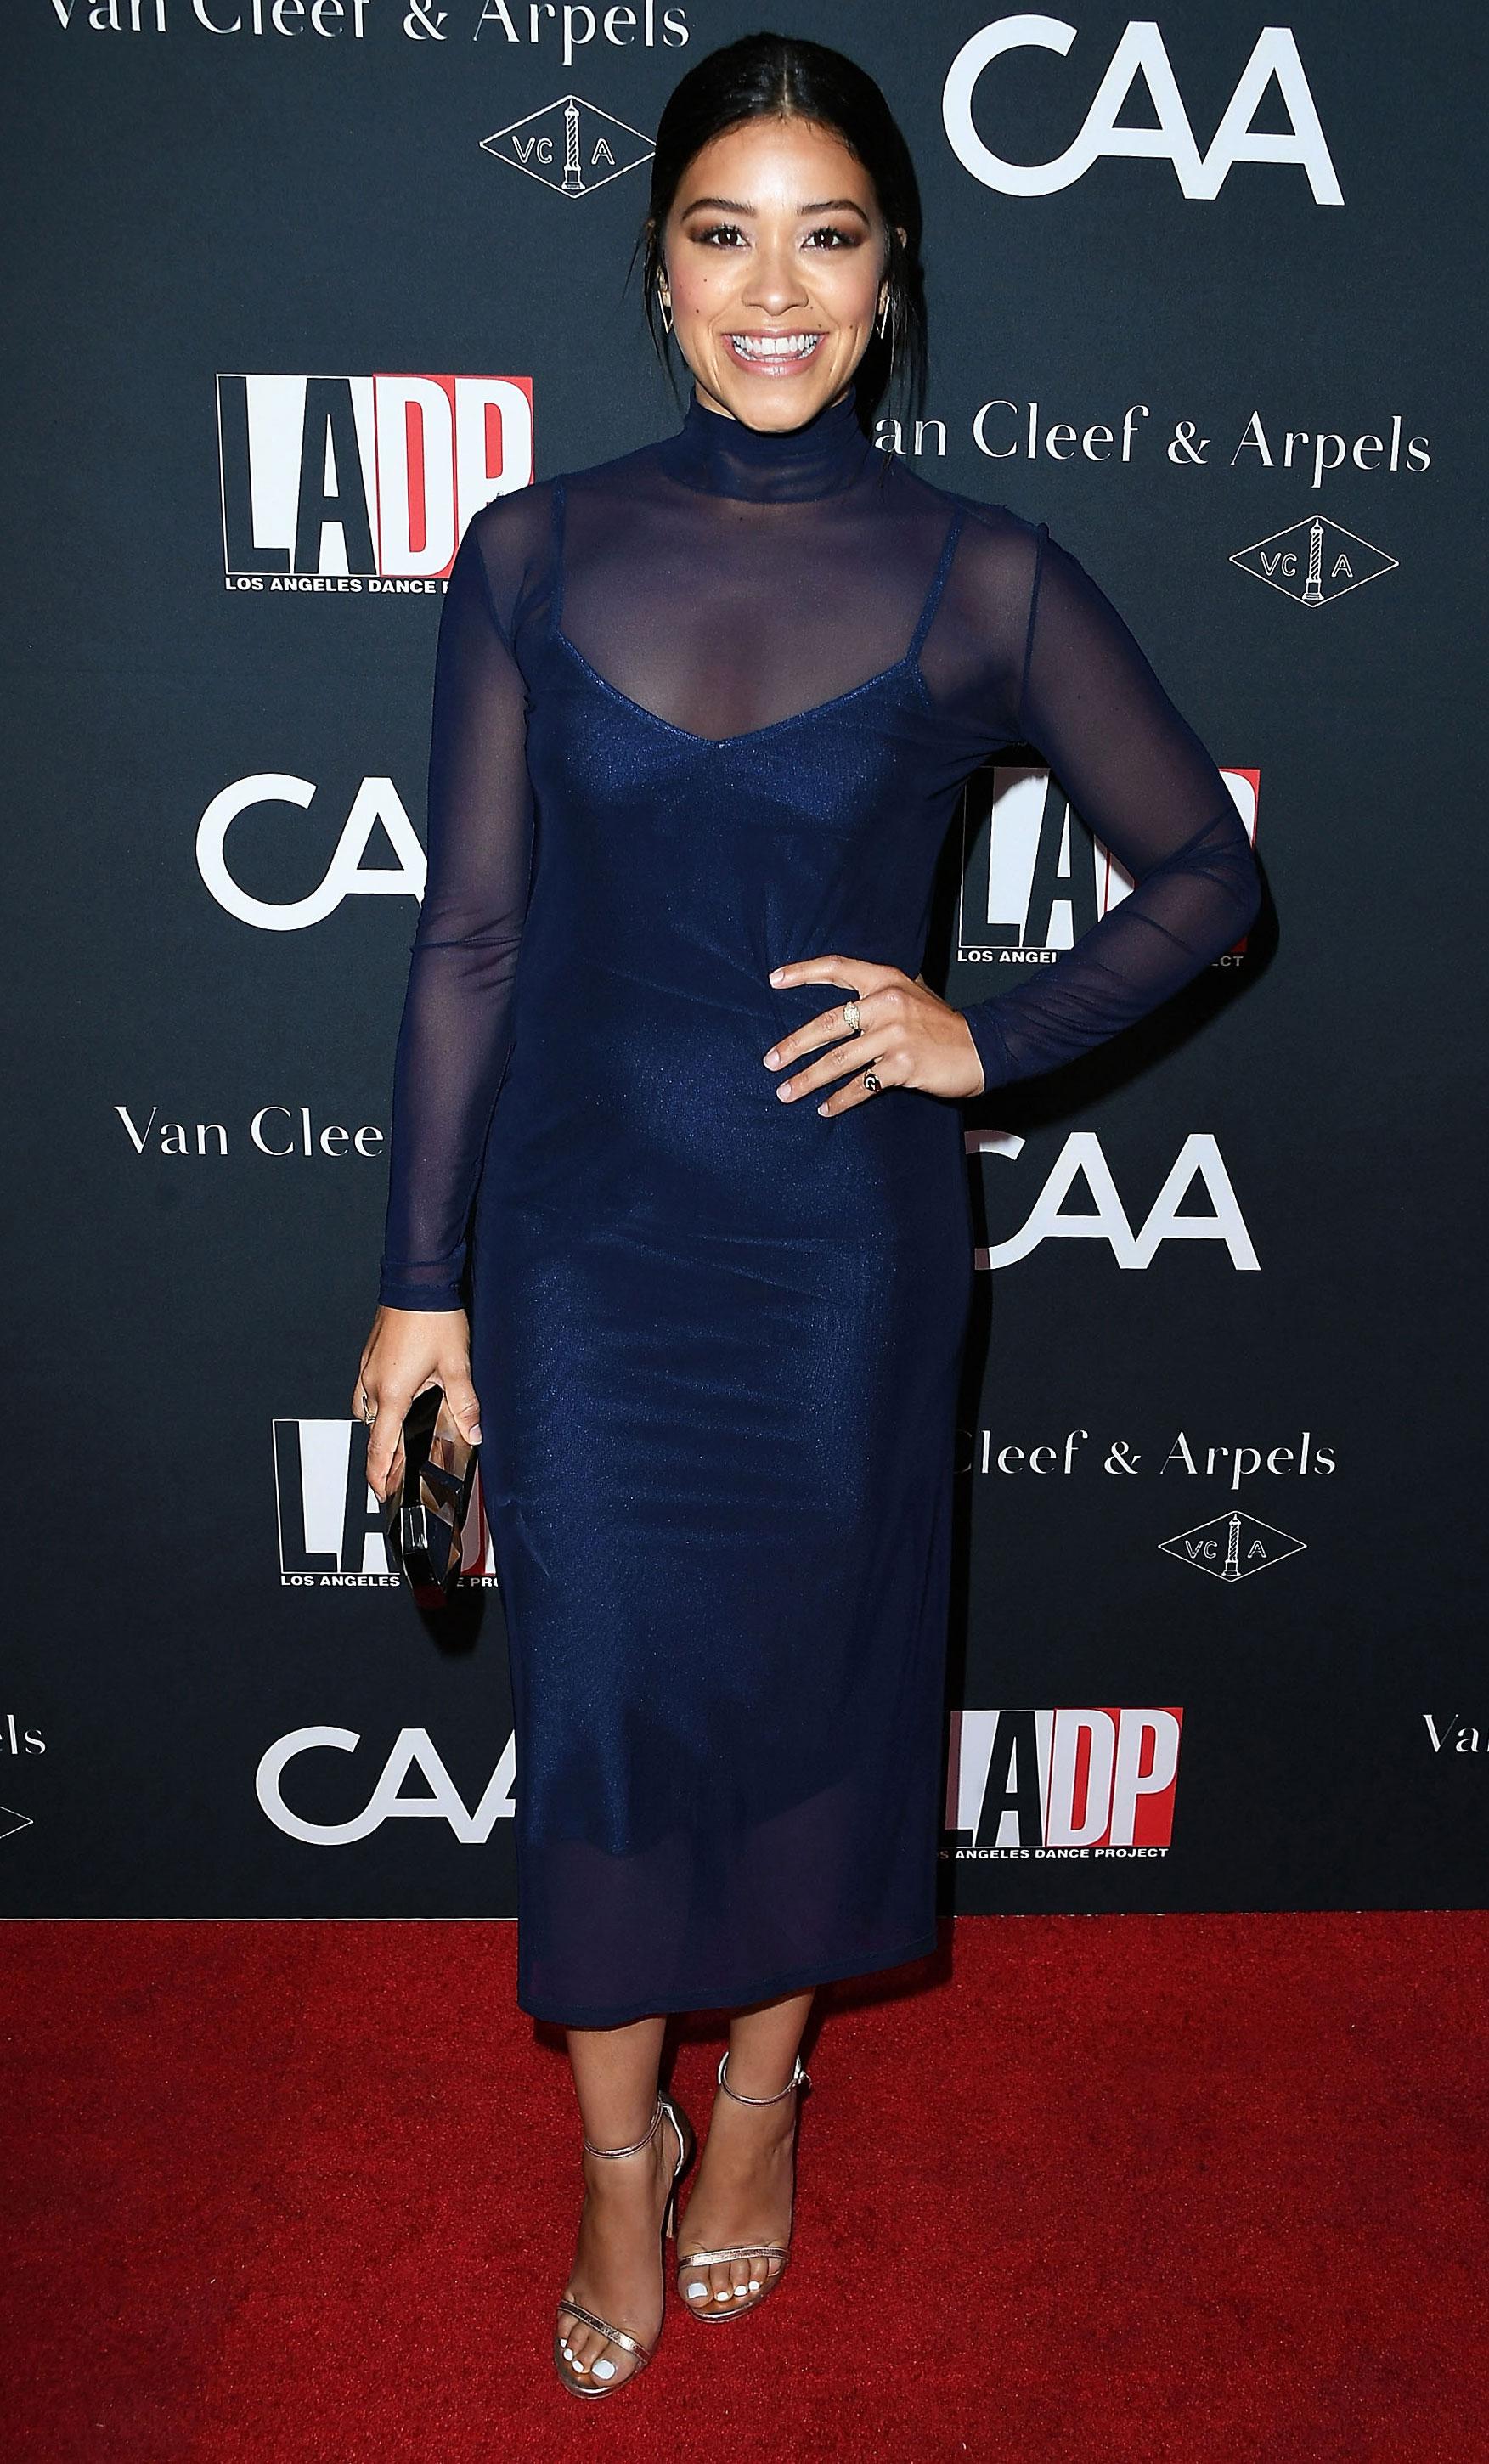 e9805bbce0e6 Celebrities in Navy Dresses: Emma Stone, Margot Robbie, More